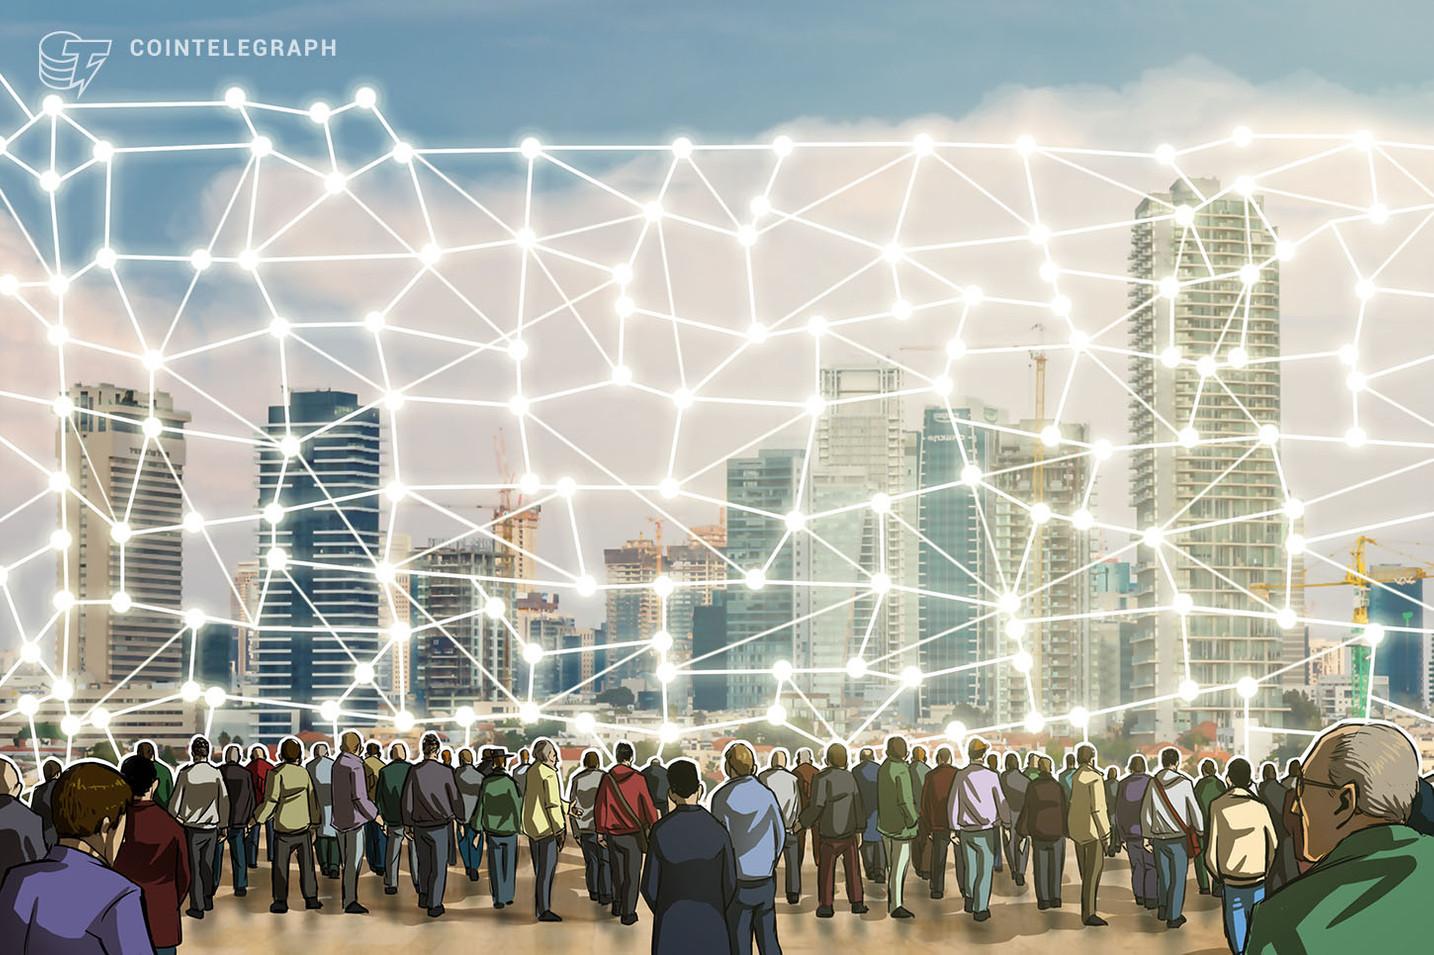 Relatório afirma que transações registradas na blockchain chegarão a mais de 1 bilhão até 2023